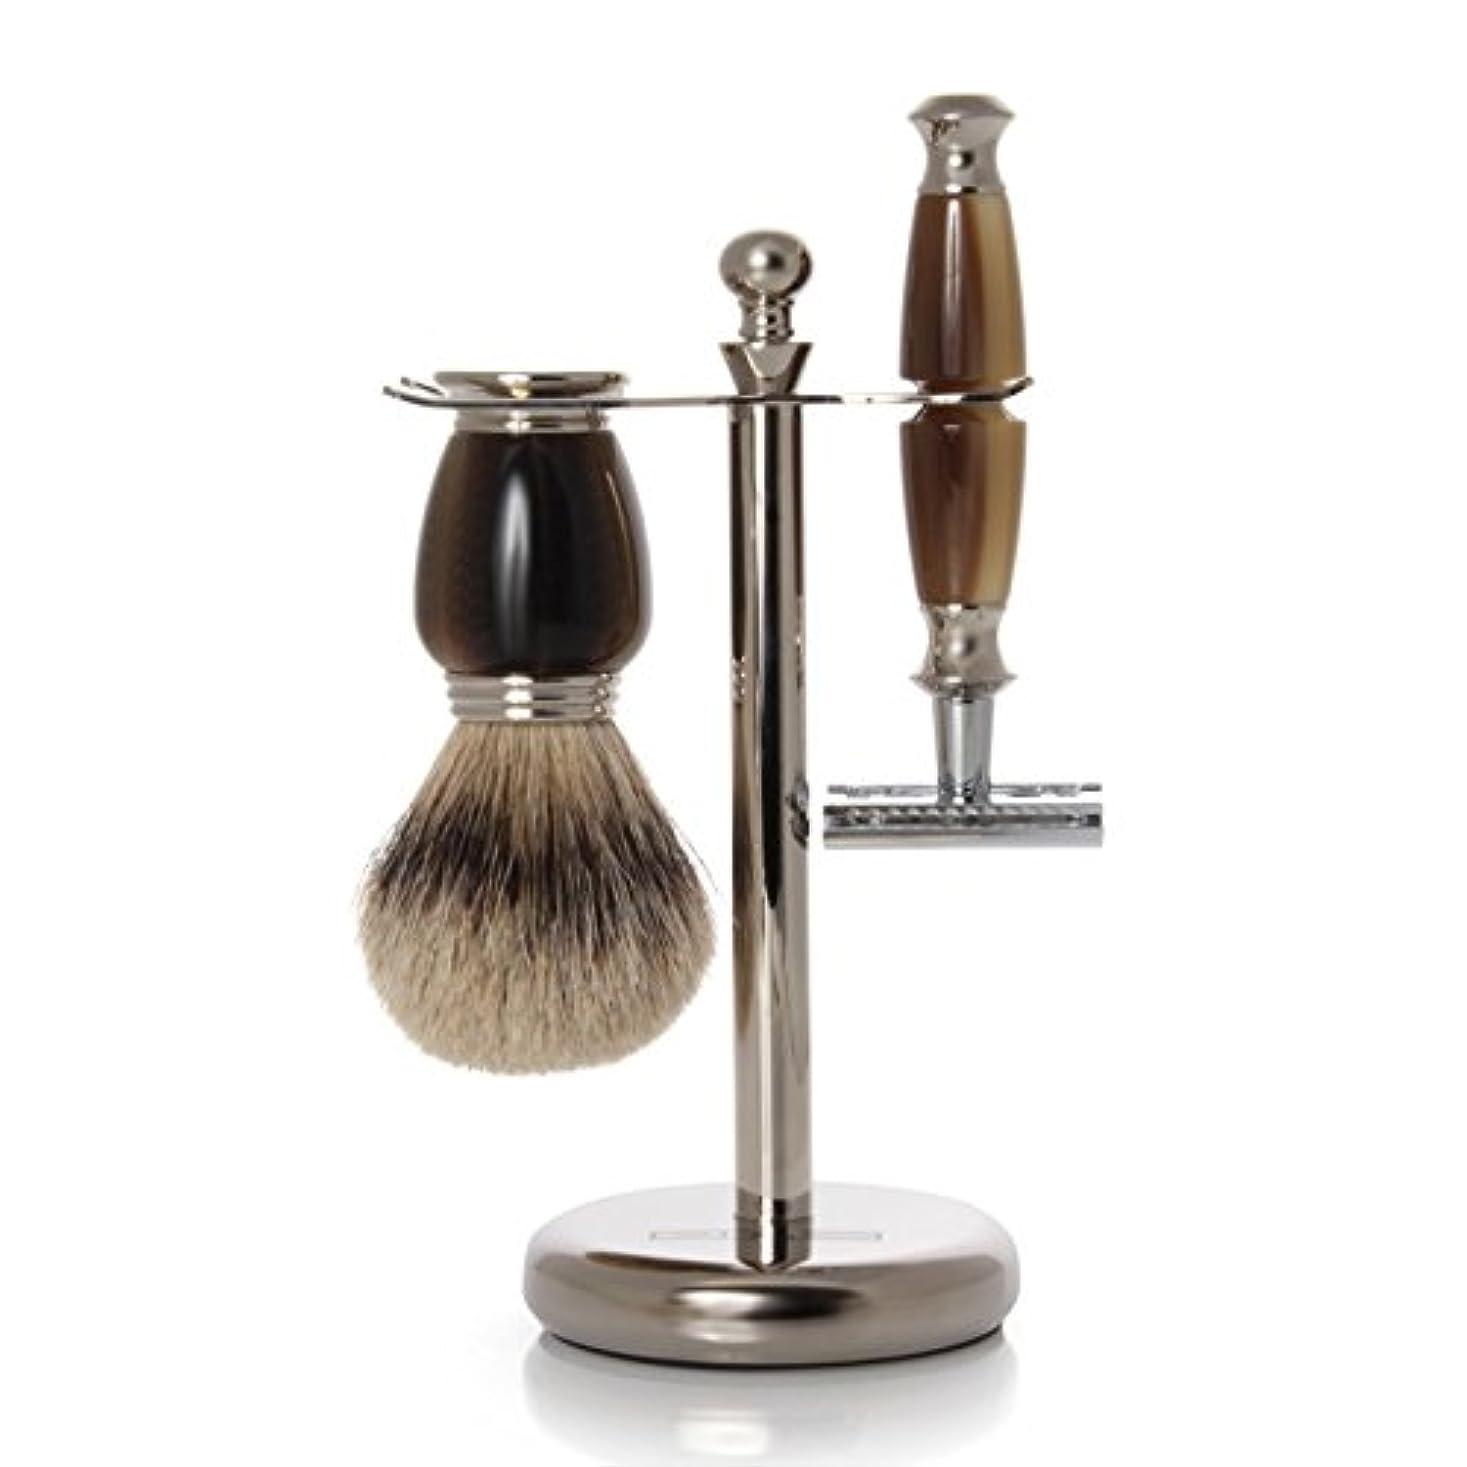 教育財産パリティGOLDDACHS Shaving Set, Safety Razor, Silvertip, Galalith